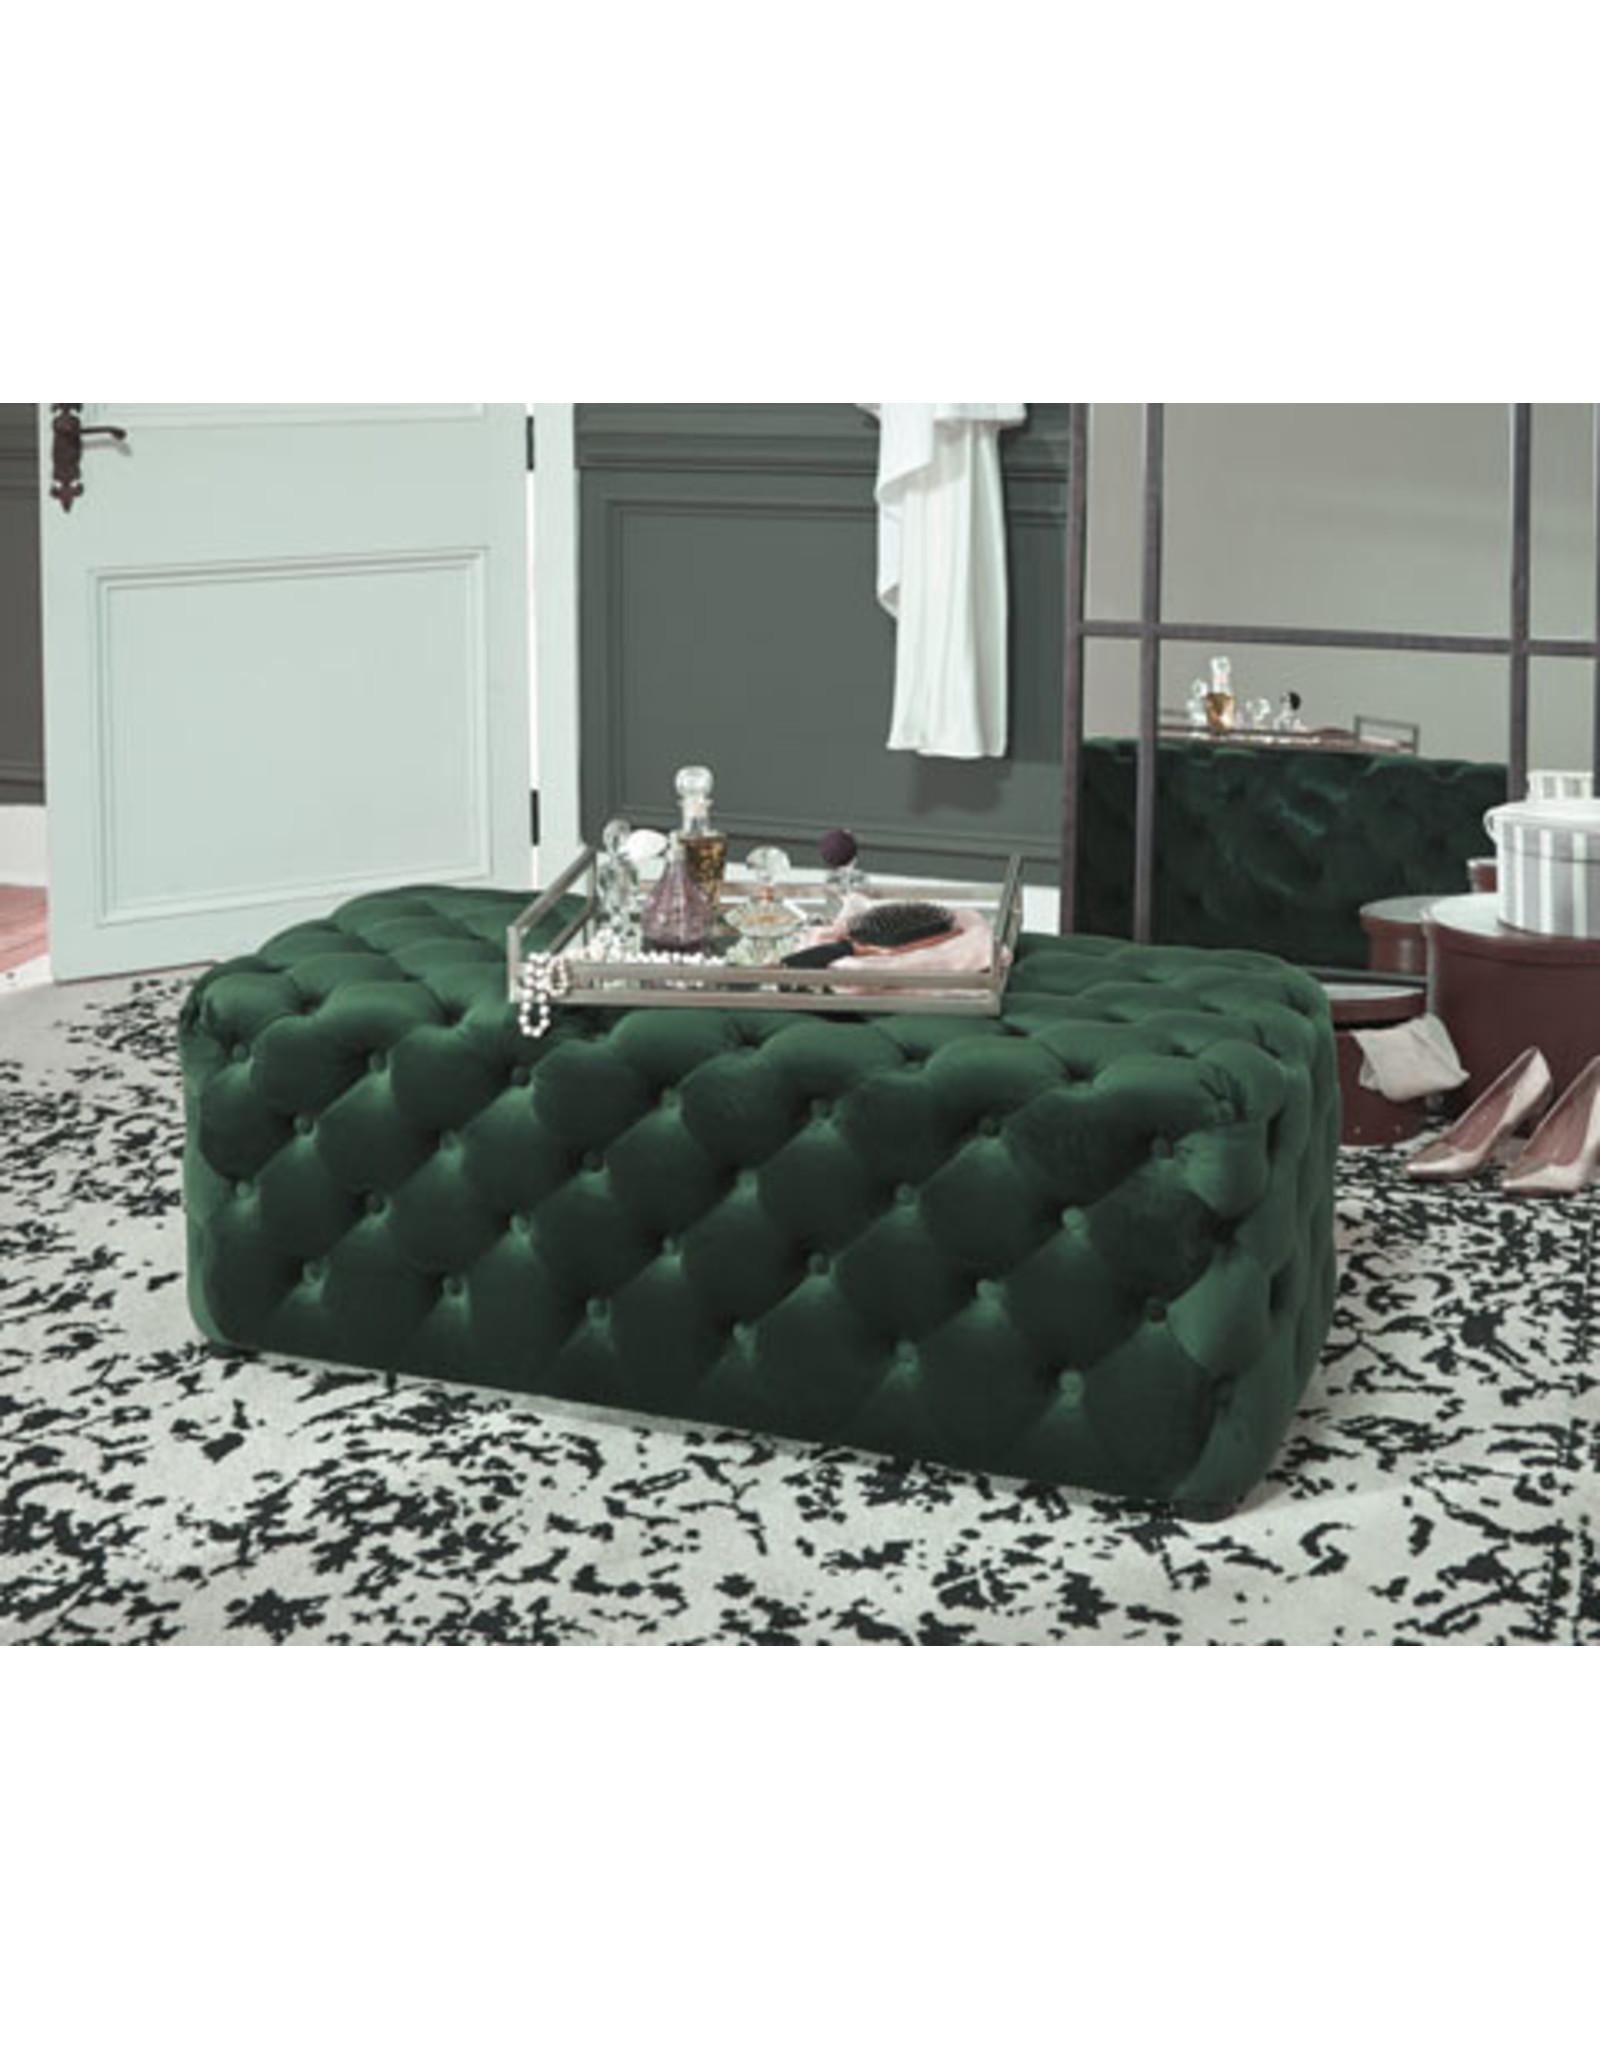 Lister A3000170 Green Ottoman